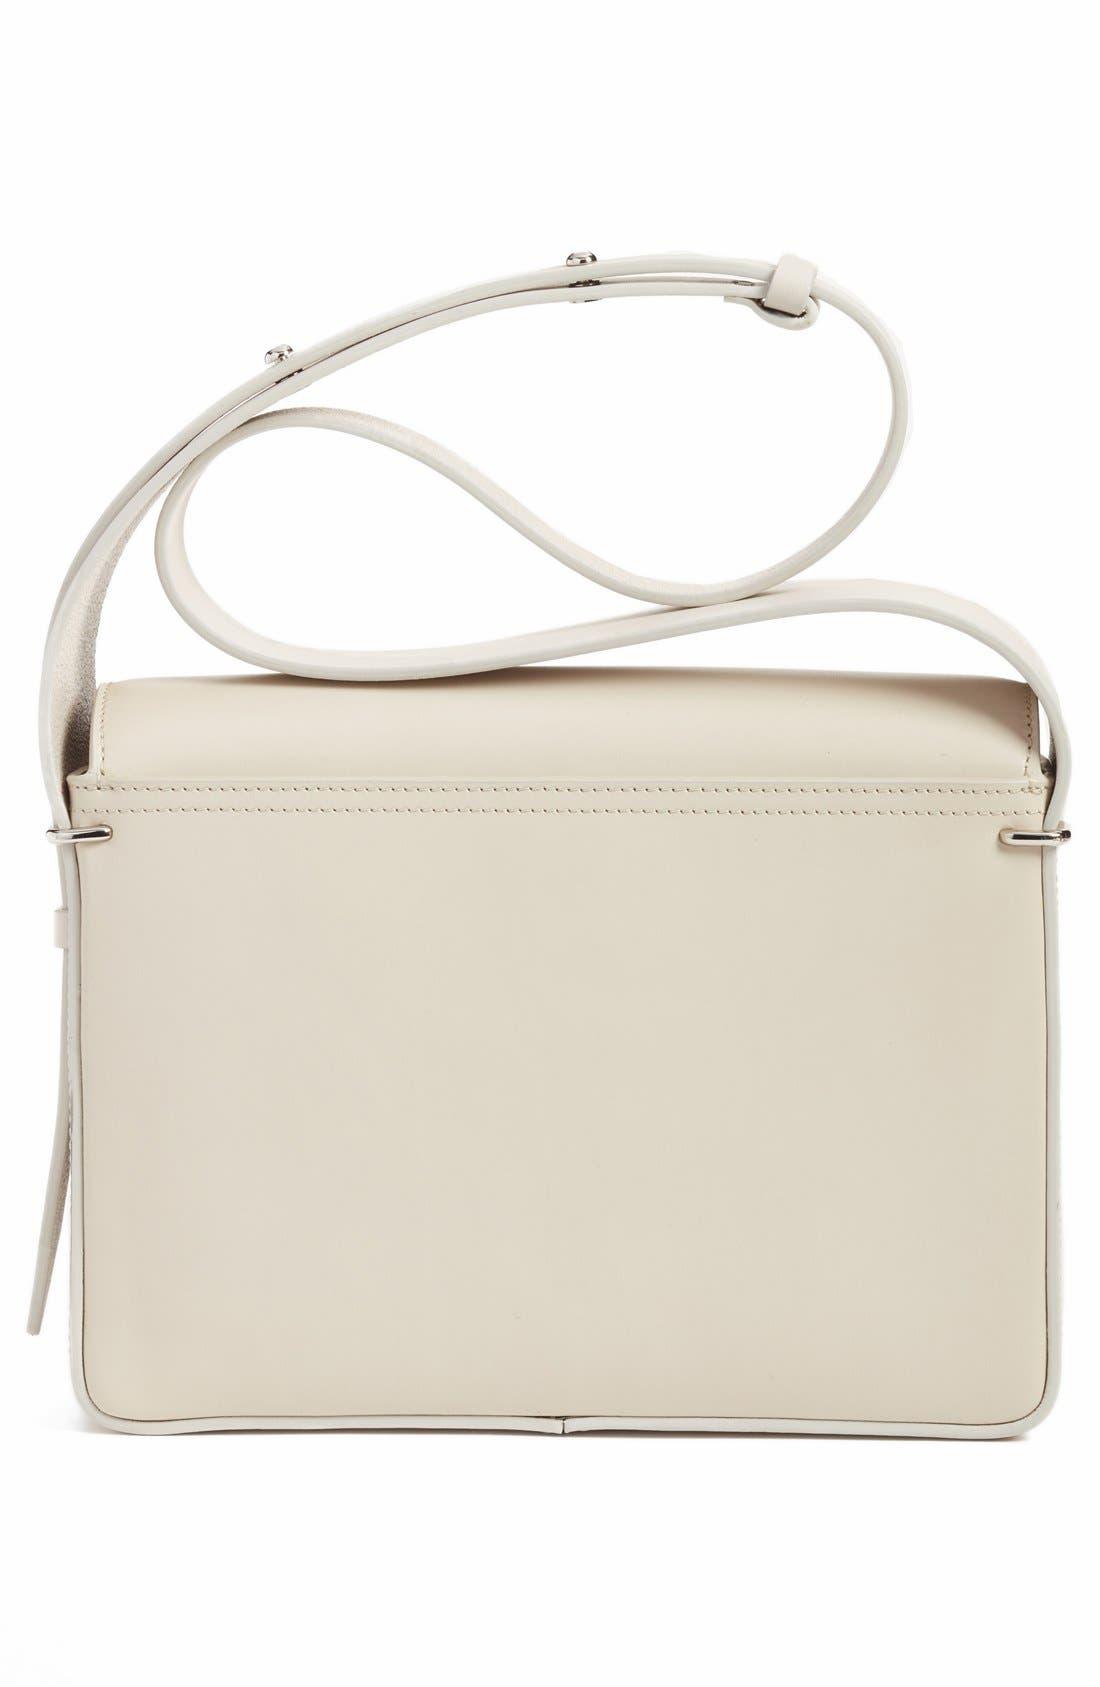 Alternate Image 2  - 3.1 Philip Lim 'Alix' Flap Leather Shoulder Bag